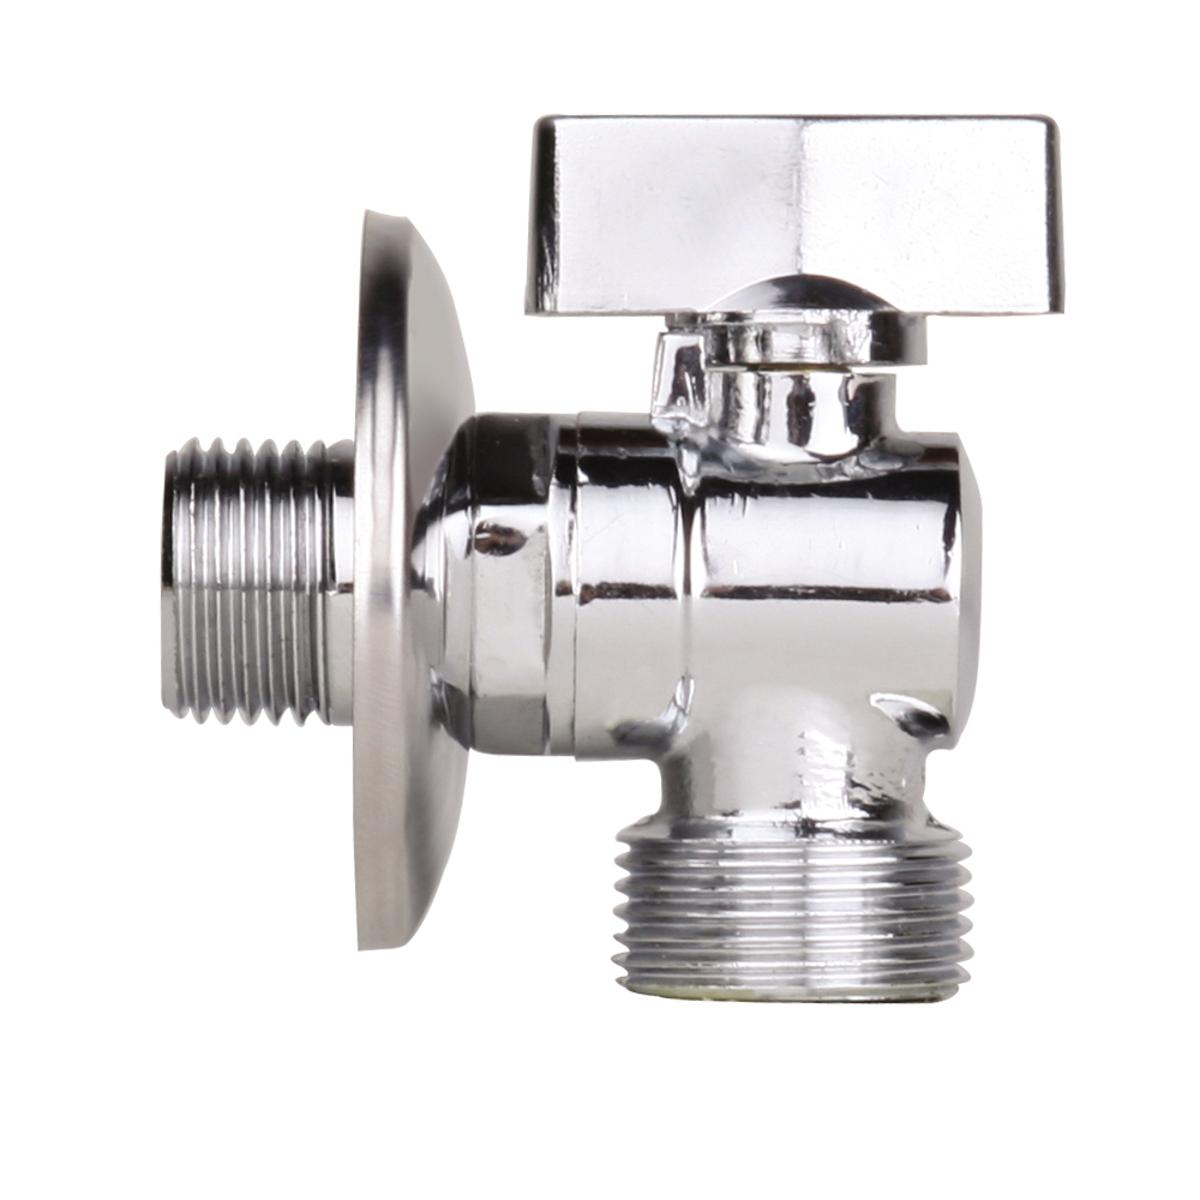 Кран шаровый Jif 261, угловой, хромированный, резьба: наружная-наружная, 1/2 х 3/4ИС.080437Кран шаровый Jif 261 усиленный, угловой предназначен для подключения стационарных приборов с отражателем 1/2 х 3/4. Шаровый кран имеет резьбу: наружная/наружная и хромированное покрытие. Модель предназначена для подключения к холодной и горячей водопроводной сети санитарных приборов (смывных бачков, смесителей, стиральных и посудомоечных машин и пр.) с помощью гибких соединителей с накидной гайкой. Кран позволяет перекрывать подачу воды к конкретному источнику потребления воды.